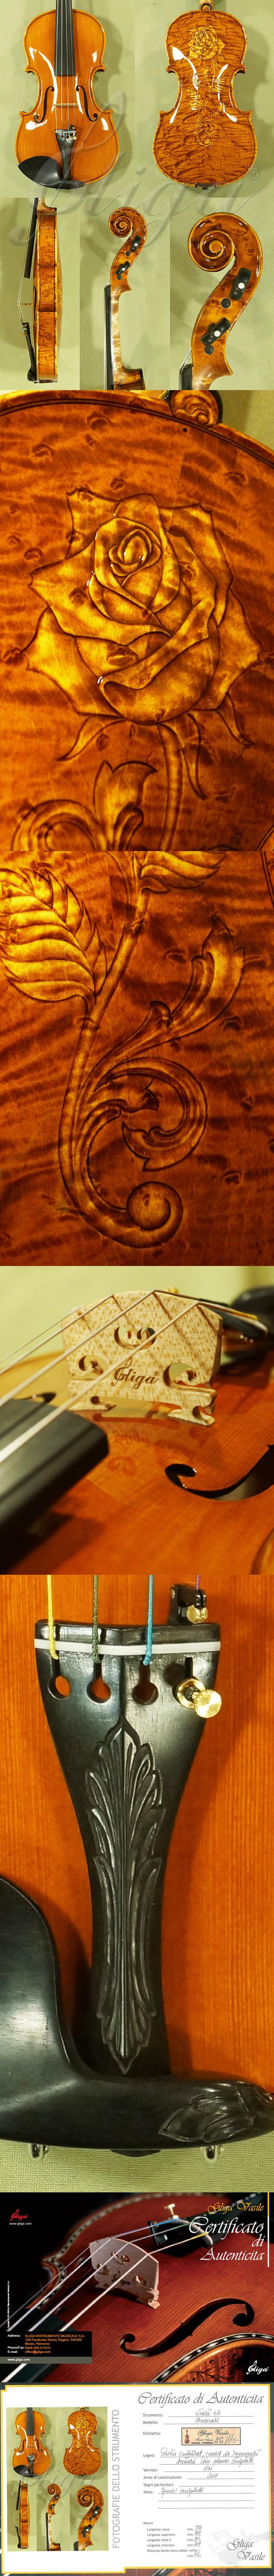 Shiny 4/4 MAESTRO VASILE GLIGA Bird's Eye Maple Violin